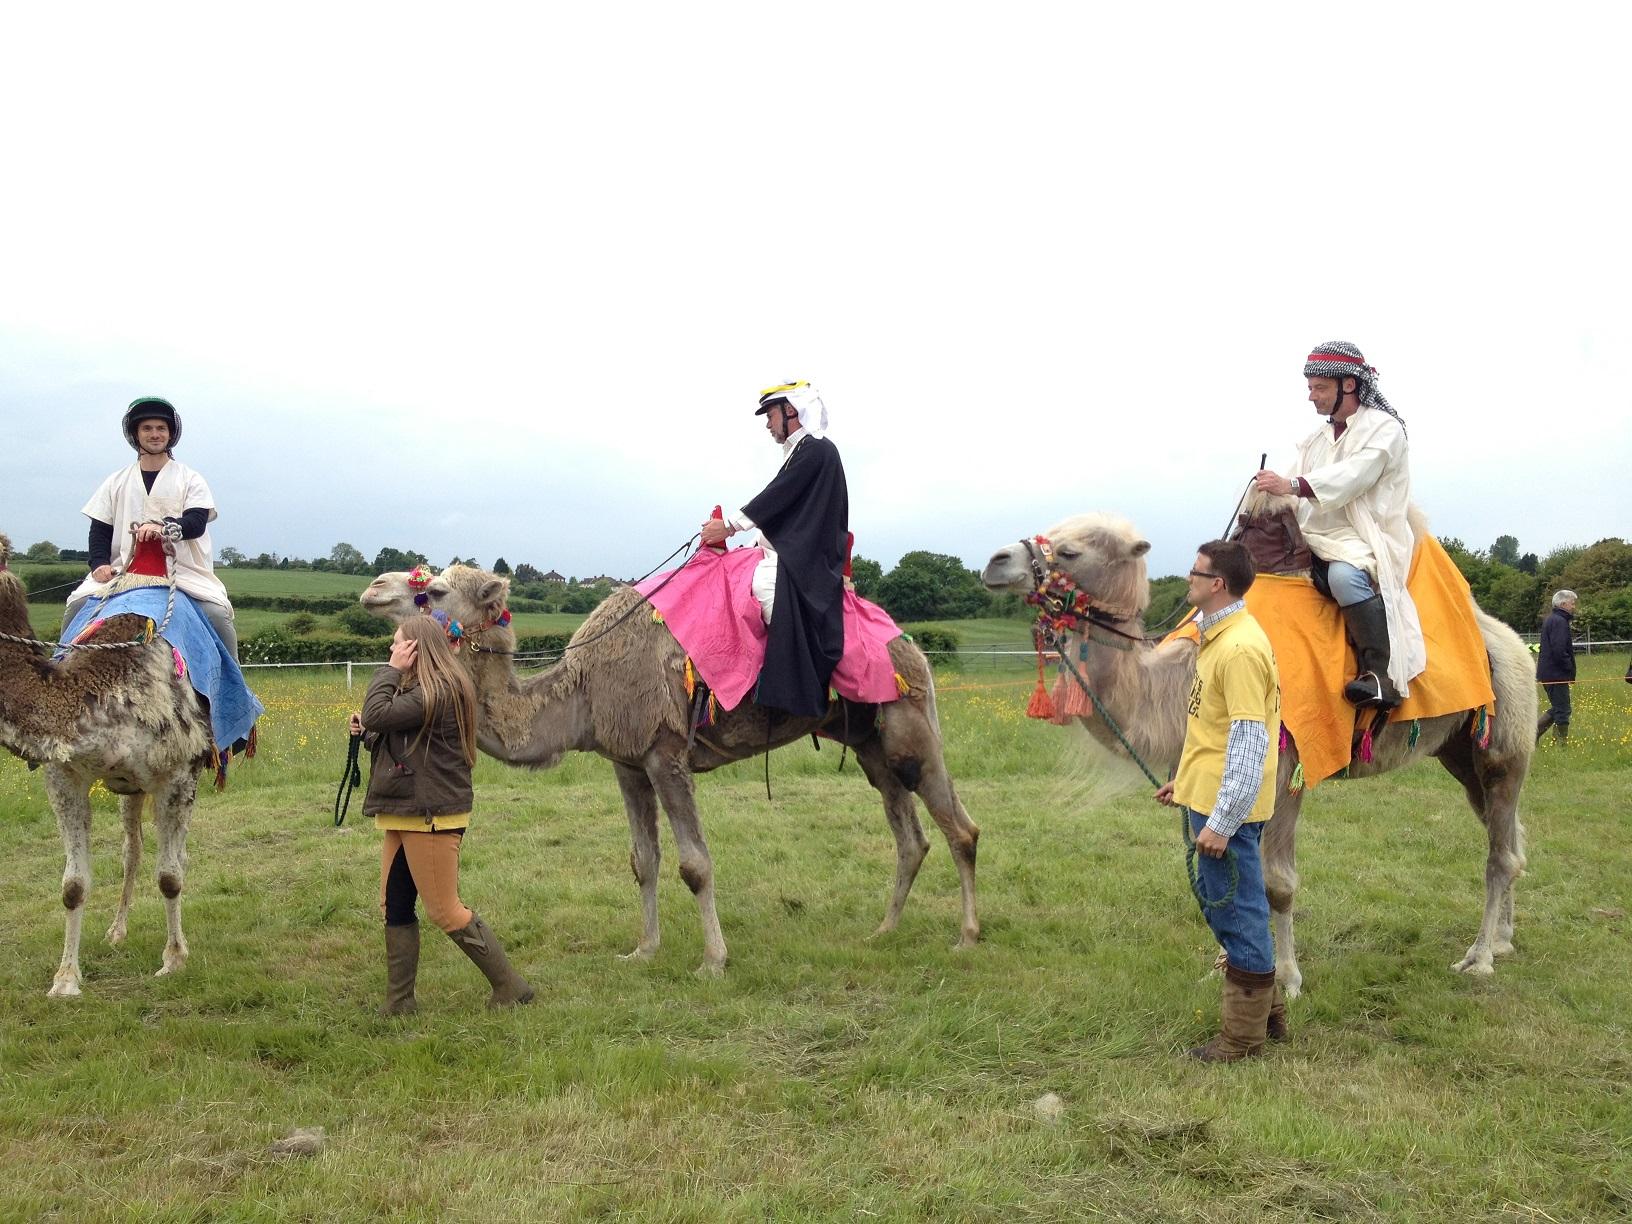 northaw course de chameaux